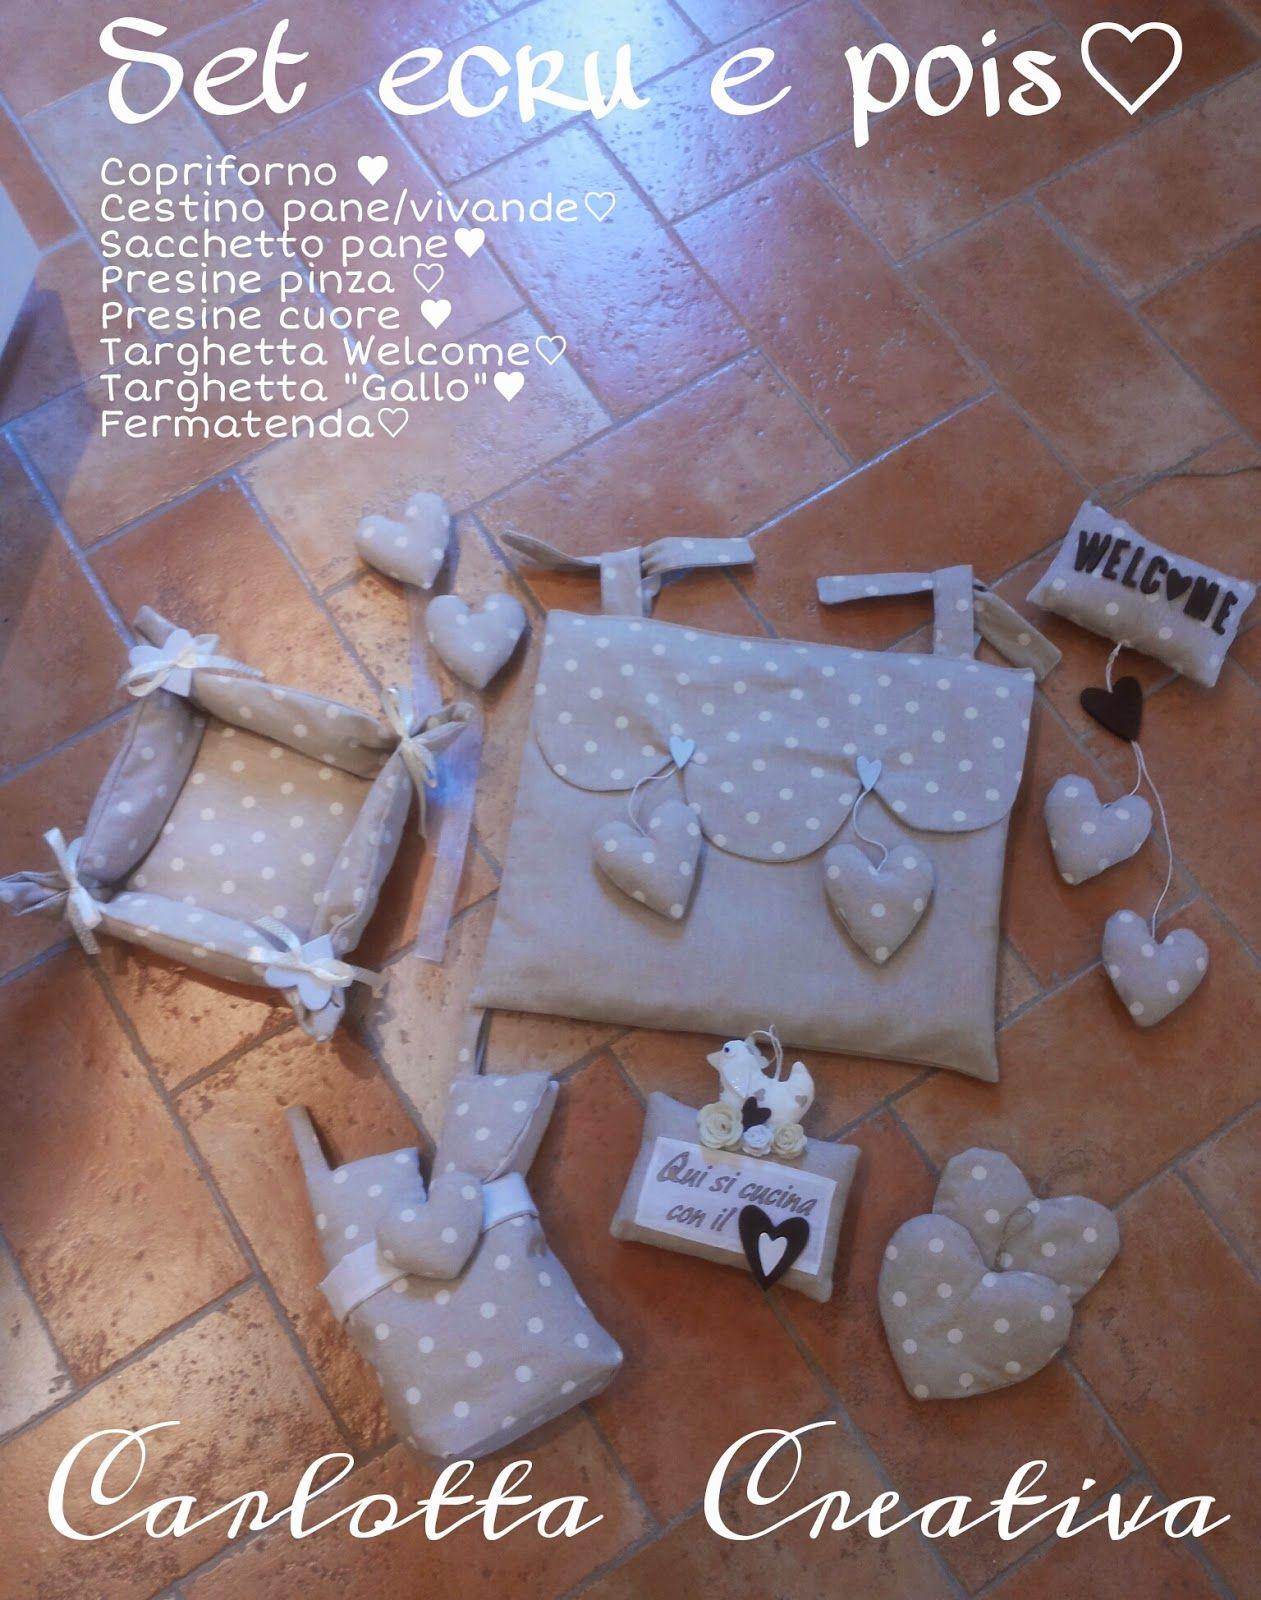 Cucito creativo mboboniere cuscini applique biancheria da cucina e progetti di cucito - Cucito creativo bagno ...